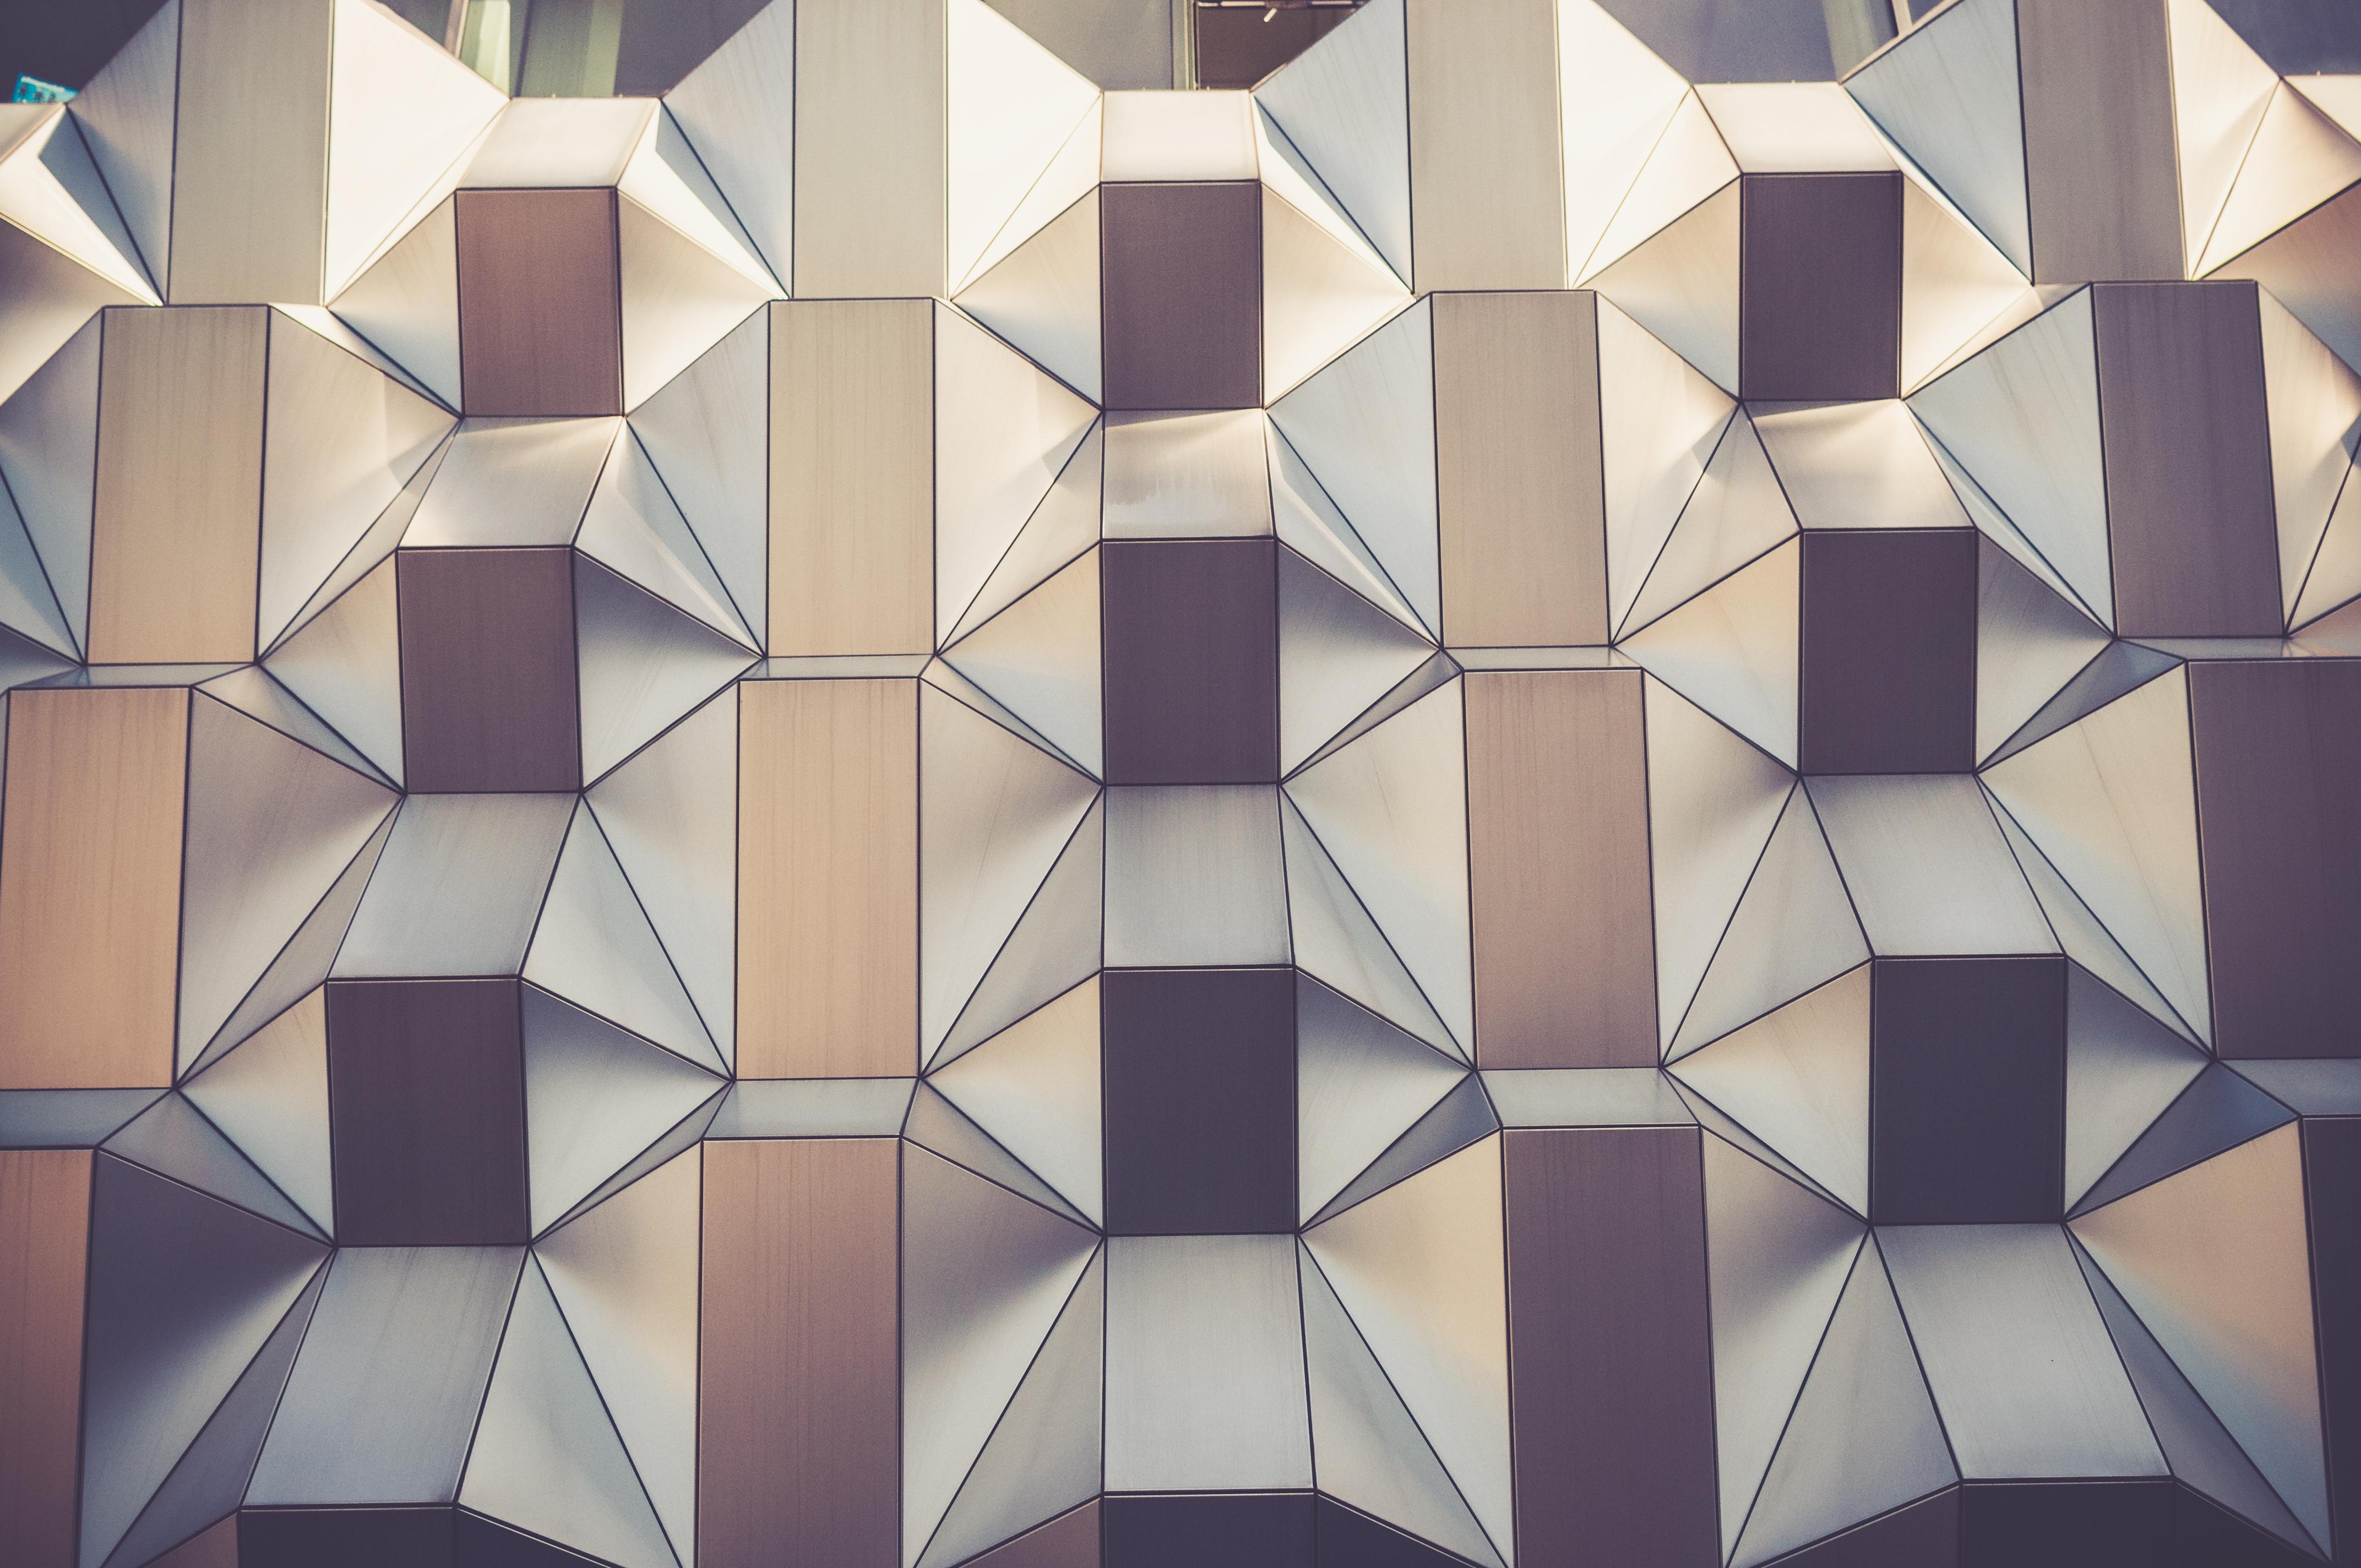 gambar : arsitektur, retro, bangunan, pola, garis, refleksi